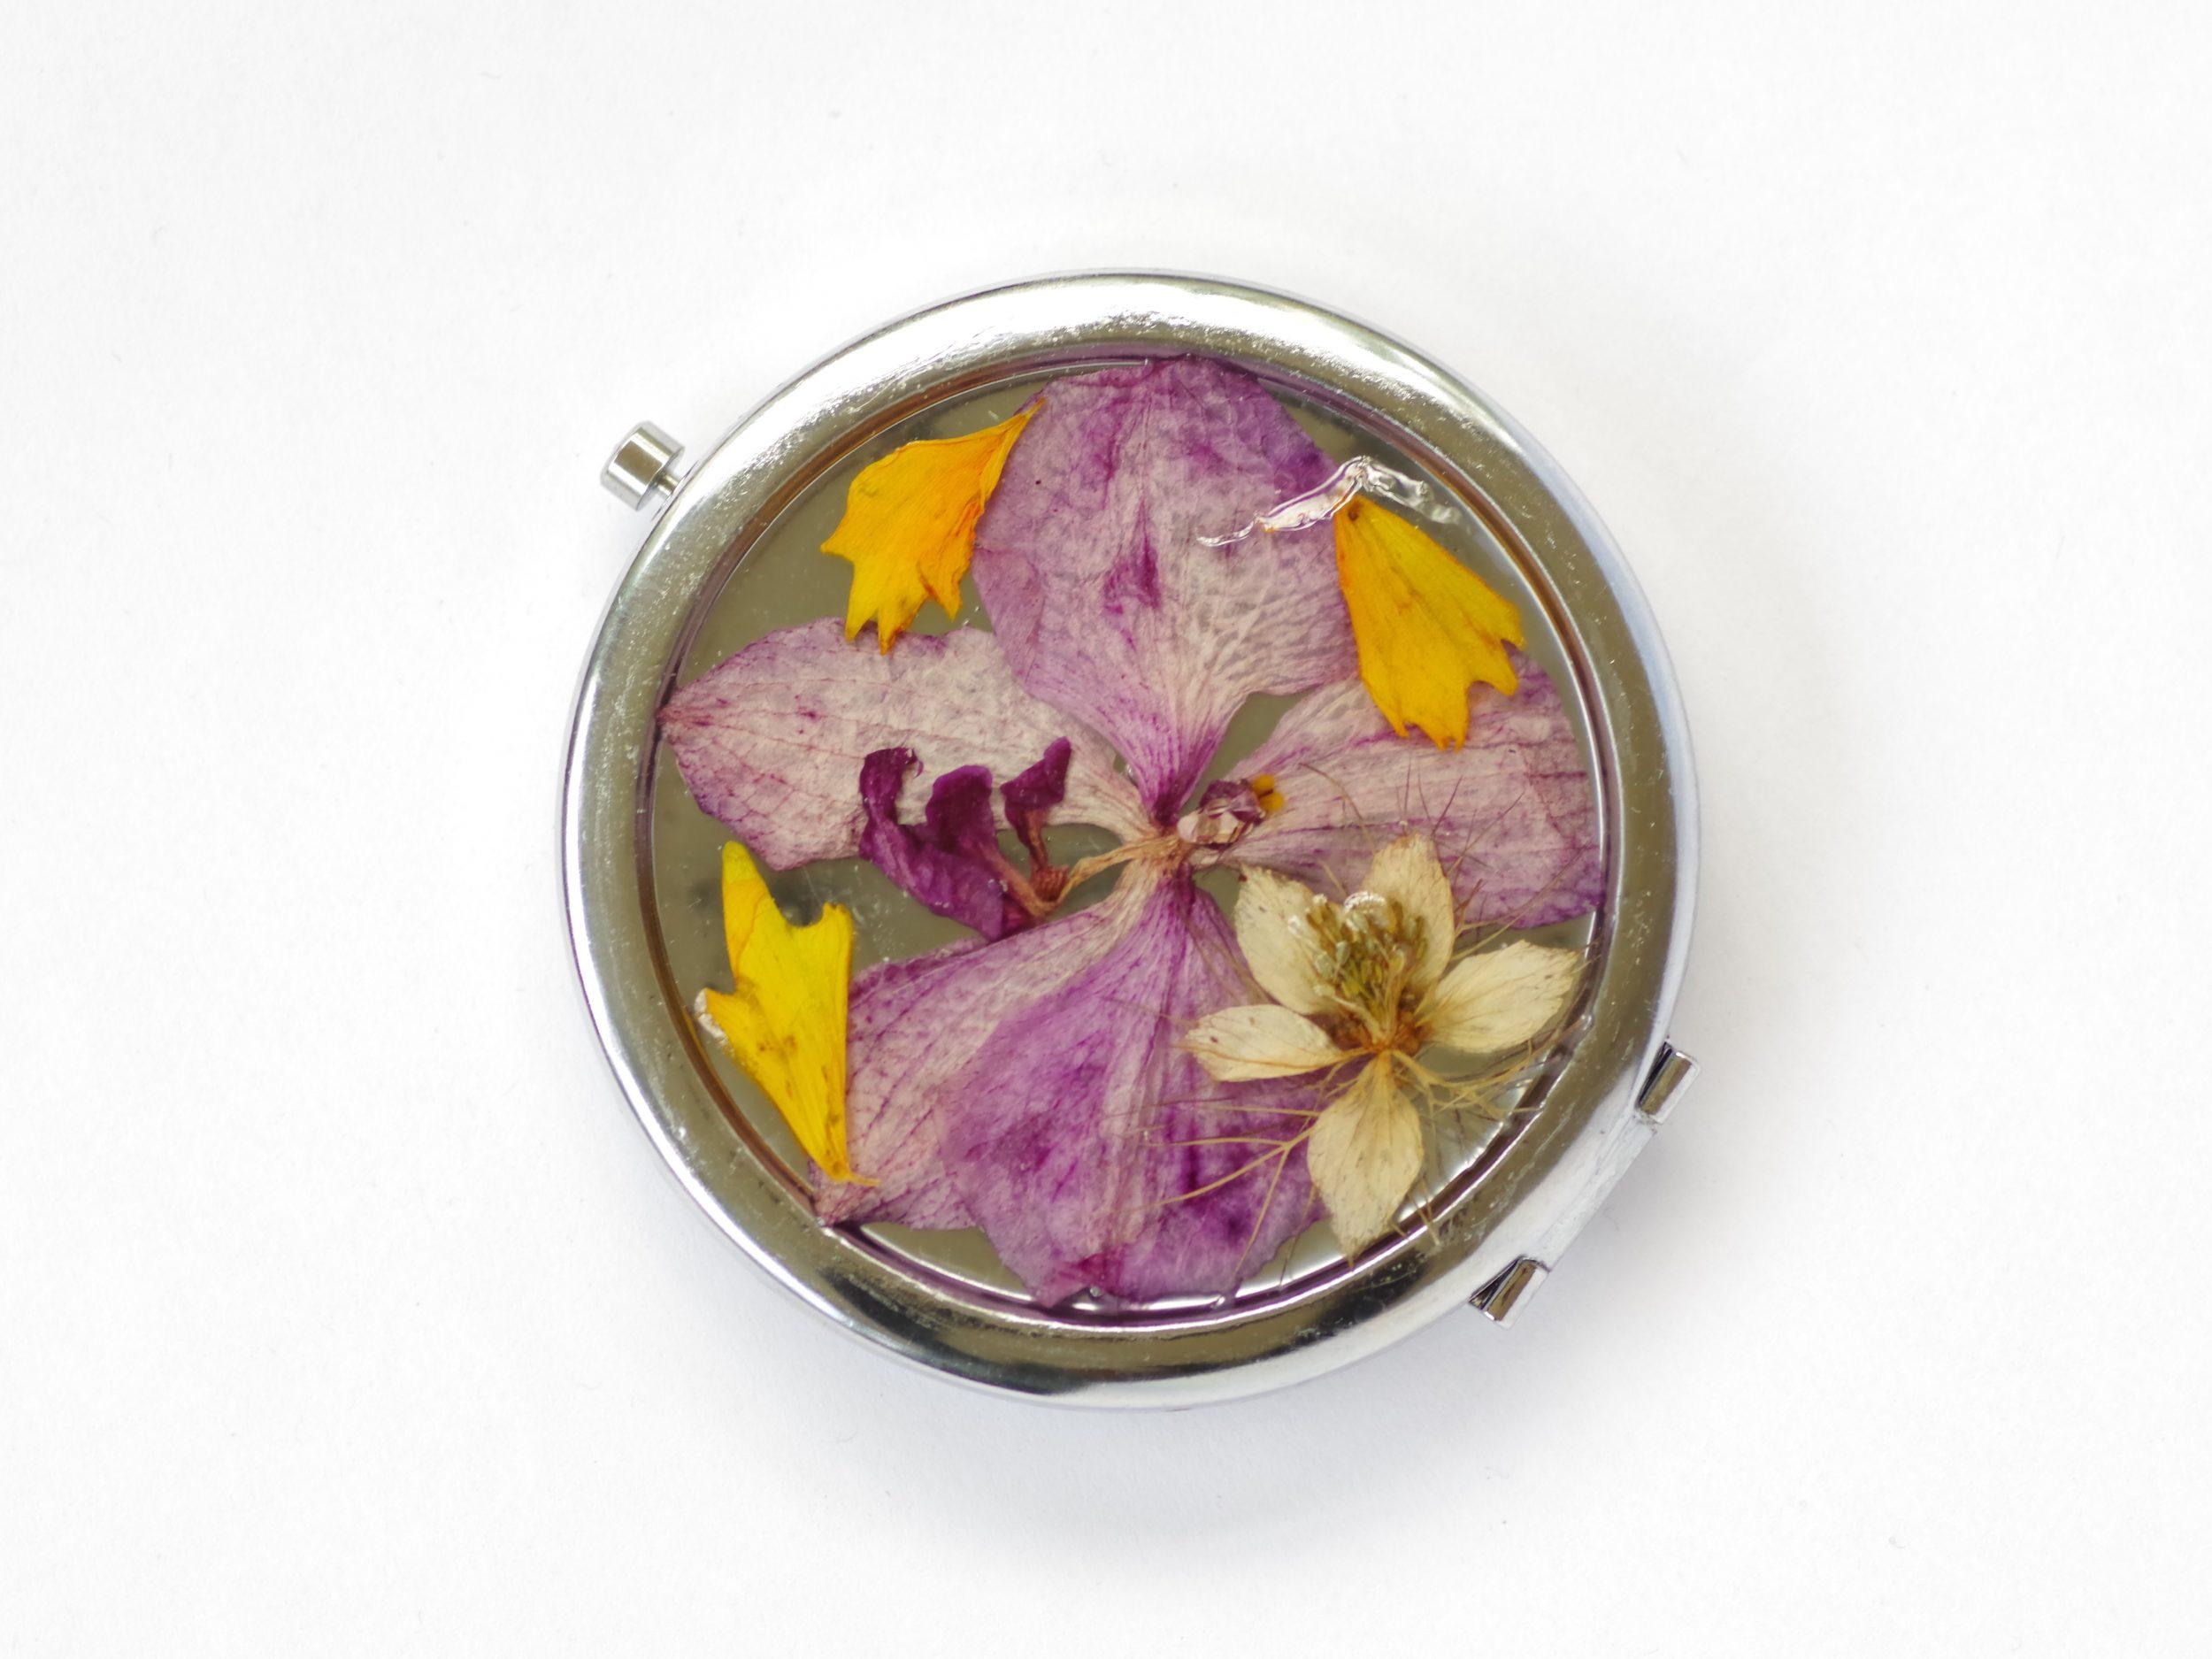 miroir de poche rond avec une décorfloral : orchidée violette et petites fleurs champêtres. Boitier en métal argenté ouverture poussoir